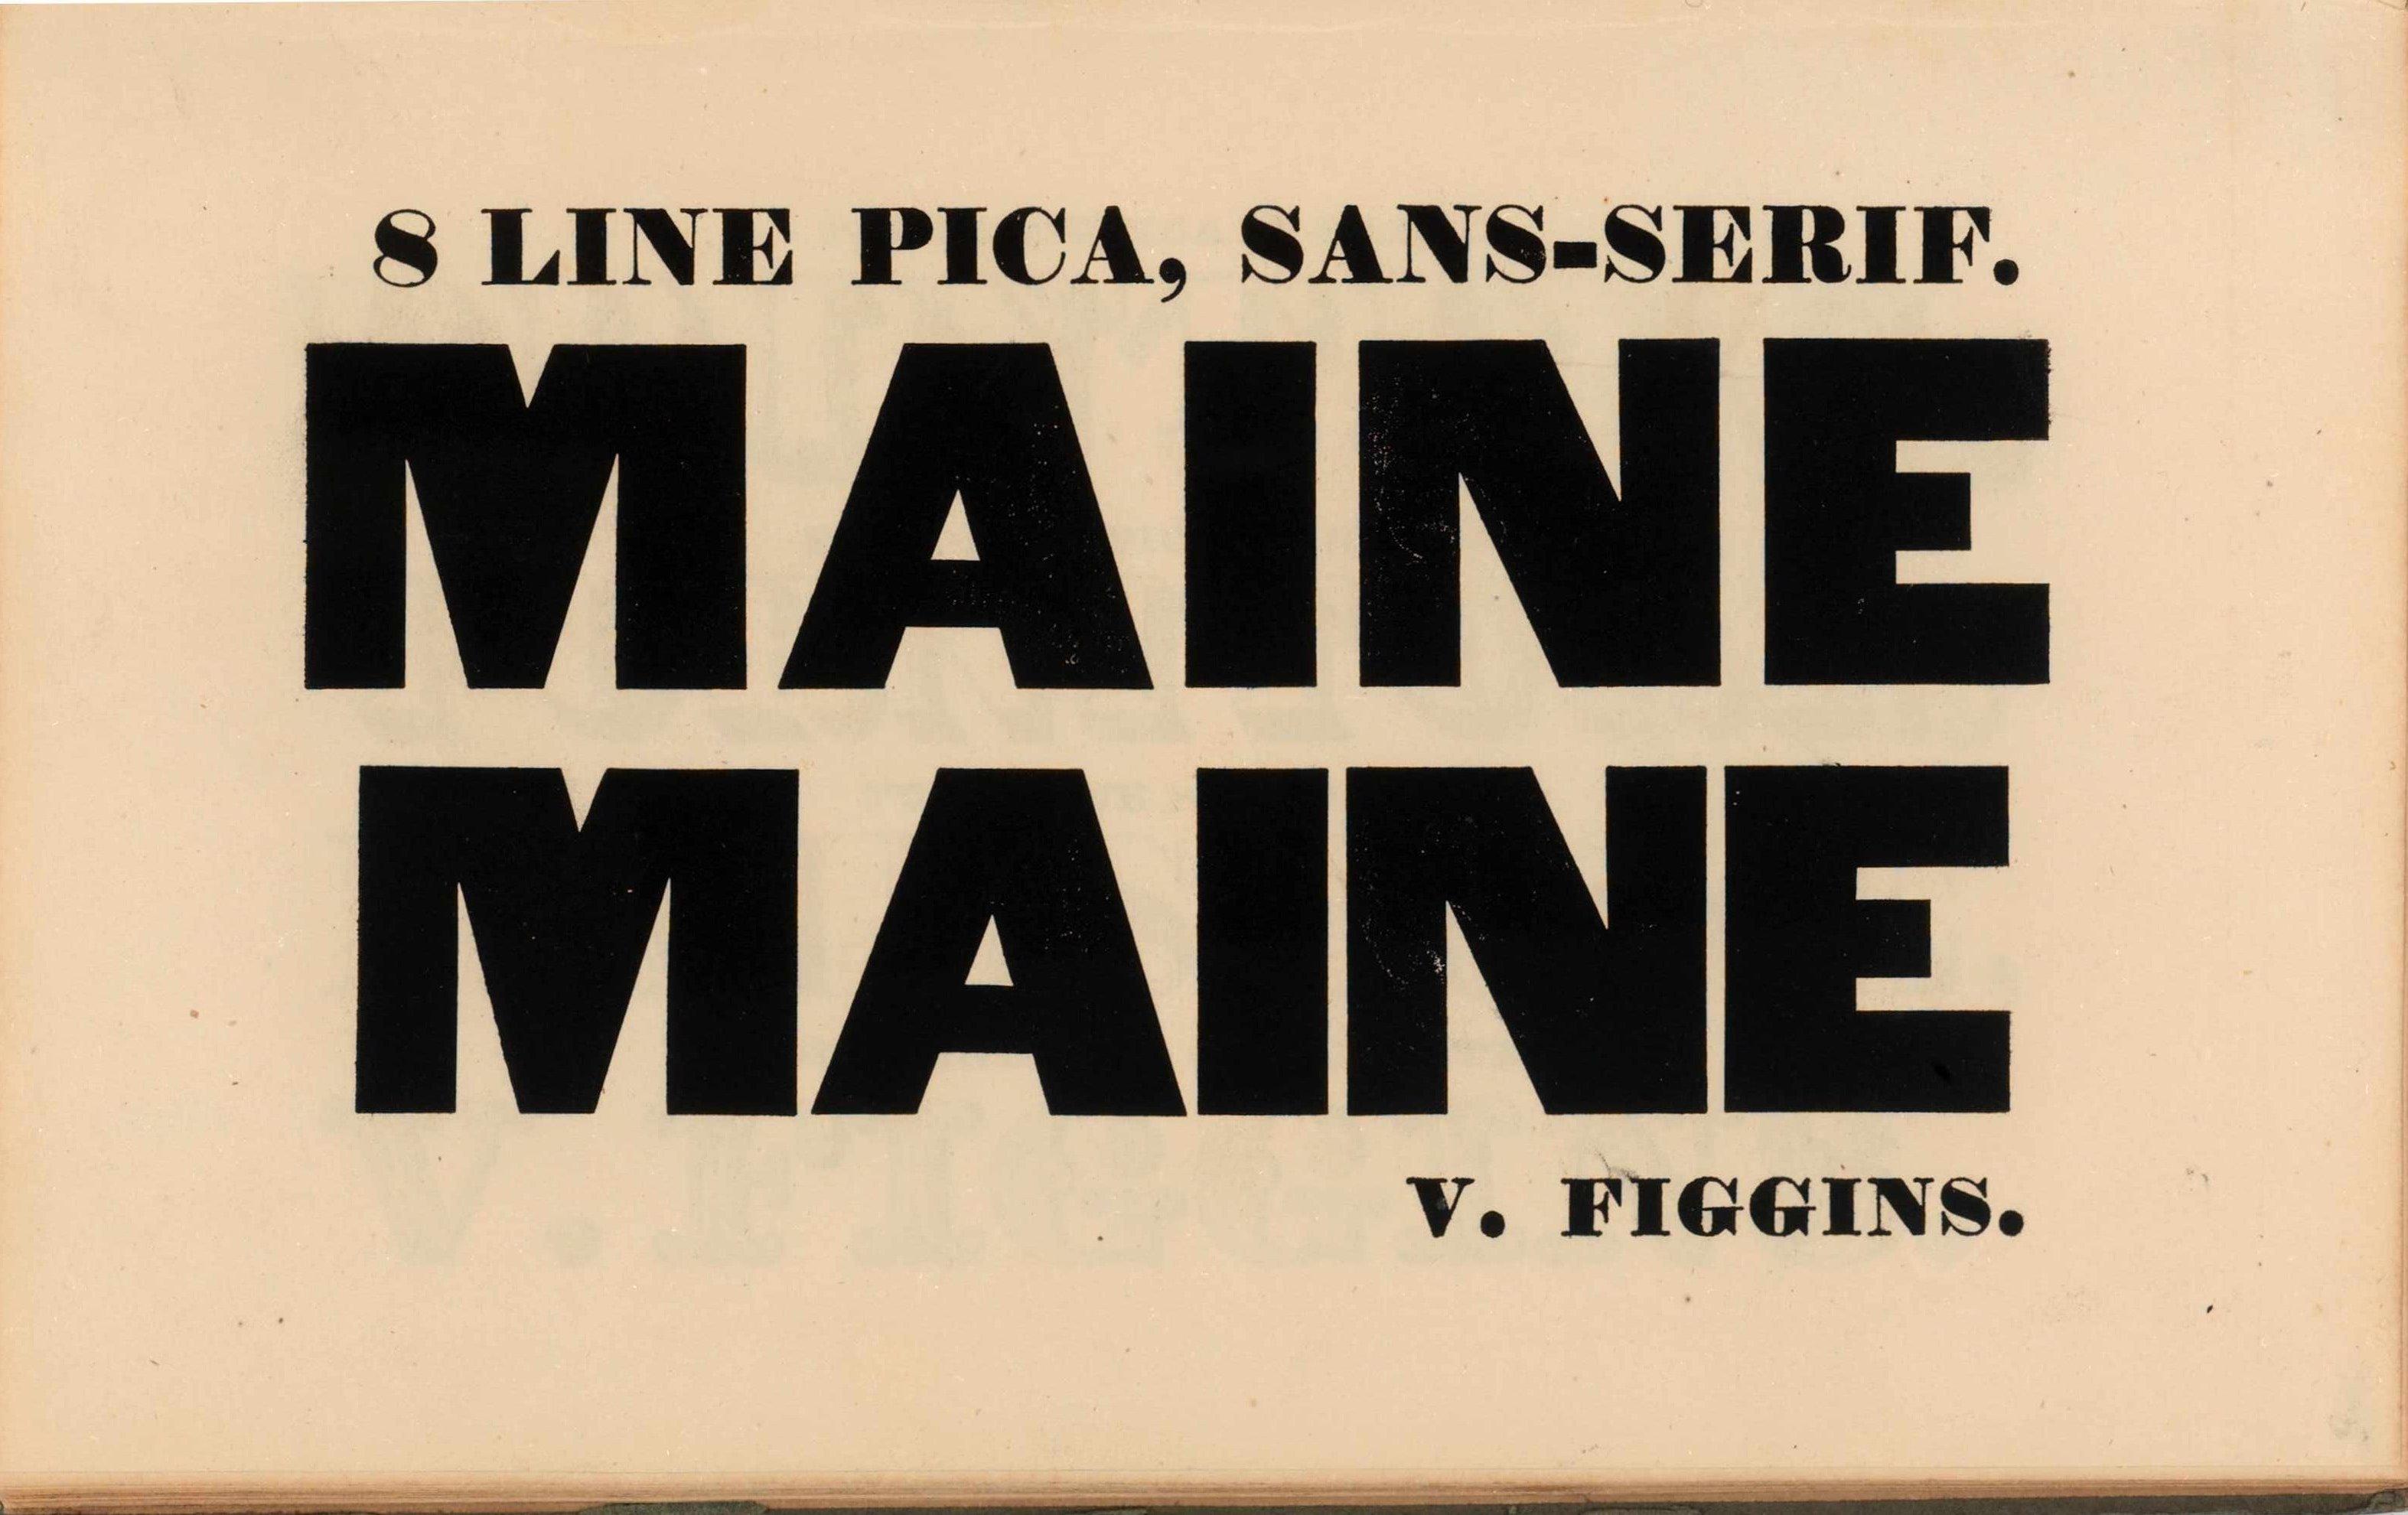 Vincent Figgins, Specimen of printing types. London 1828.